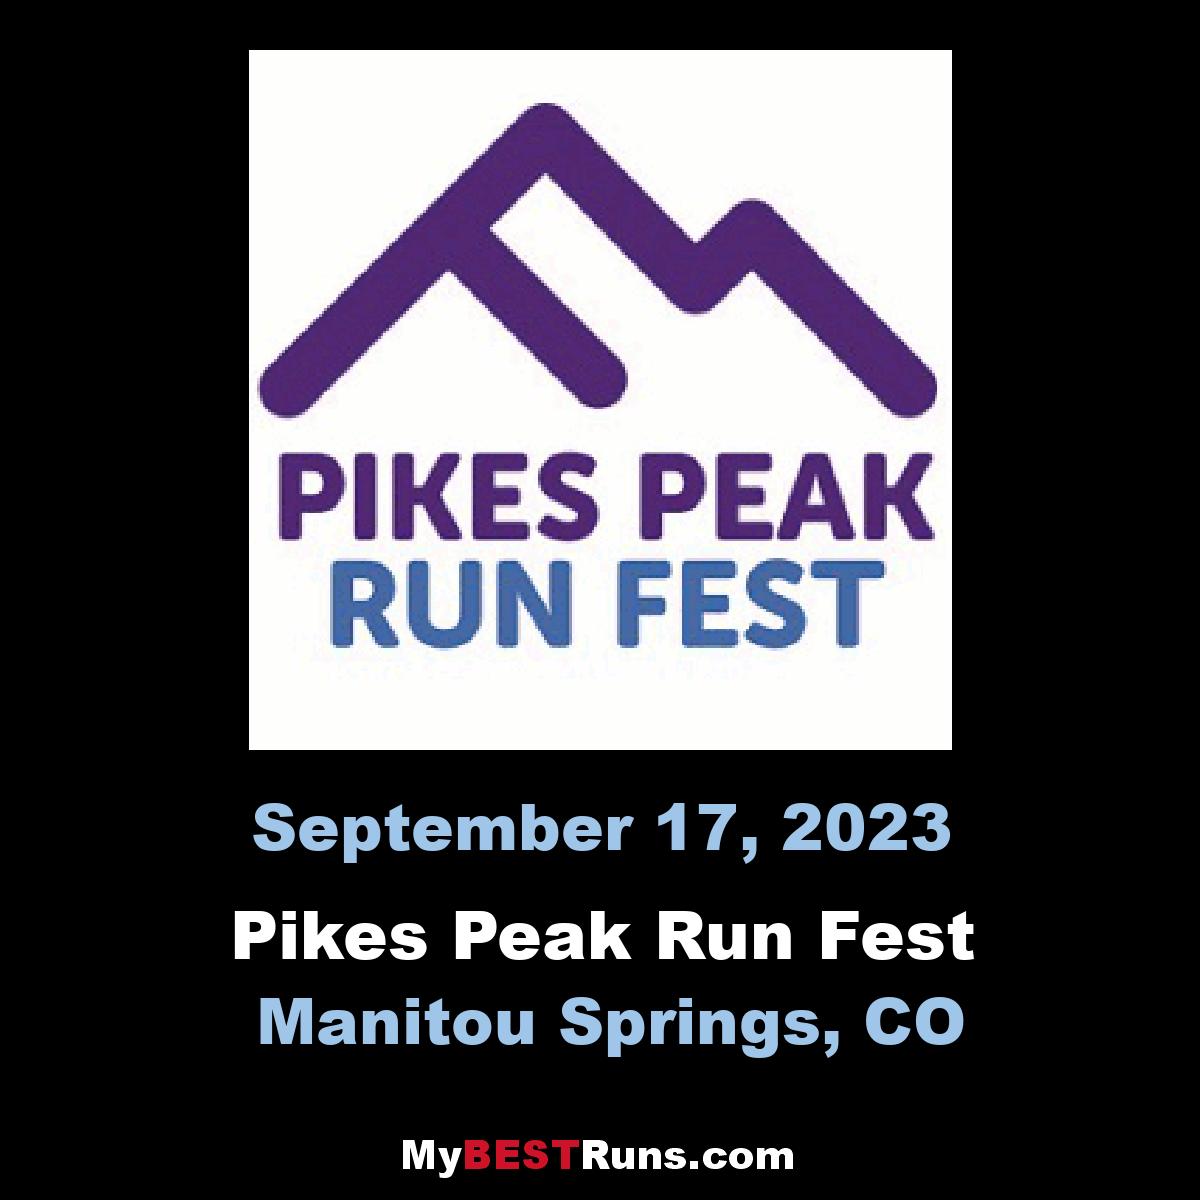 Pike's Peak Marathon